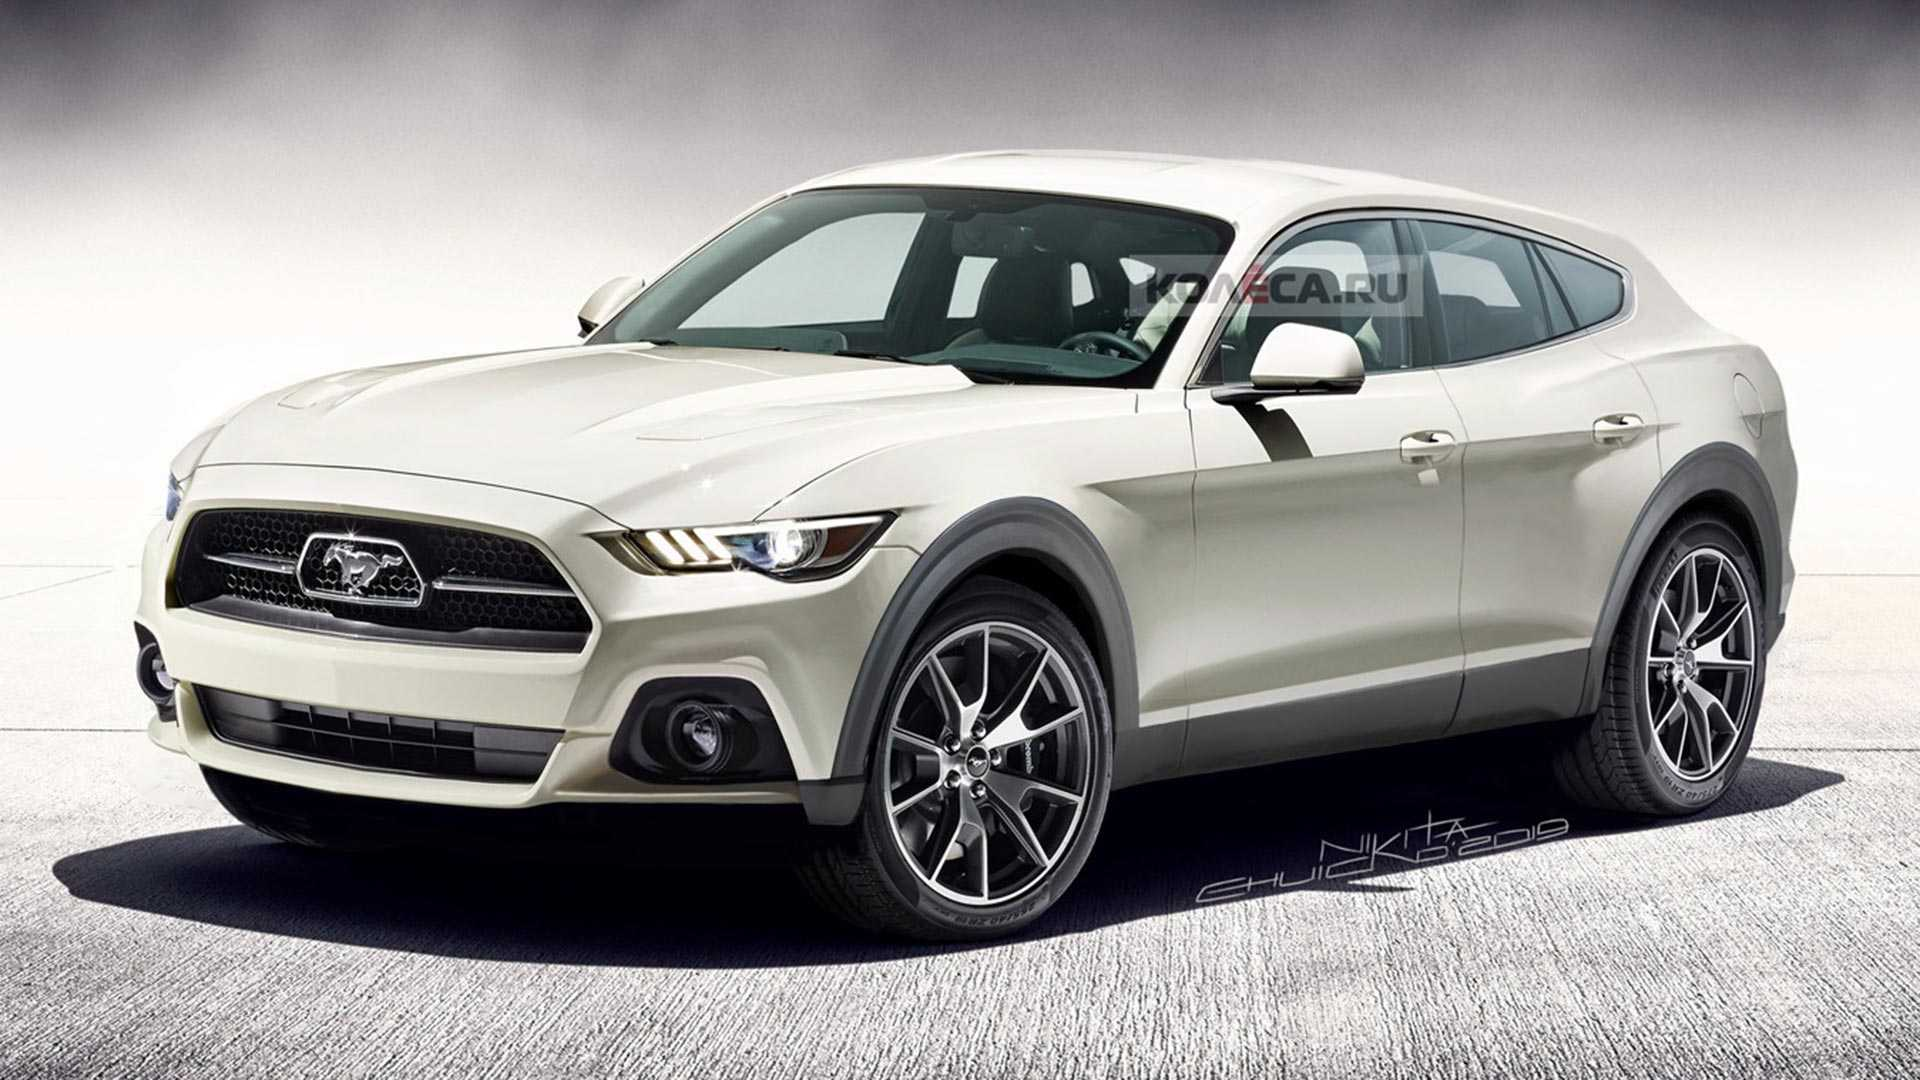 Ford Mustang jako obtloustlé SUV